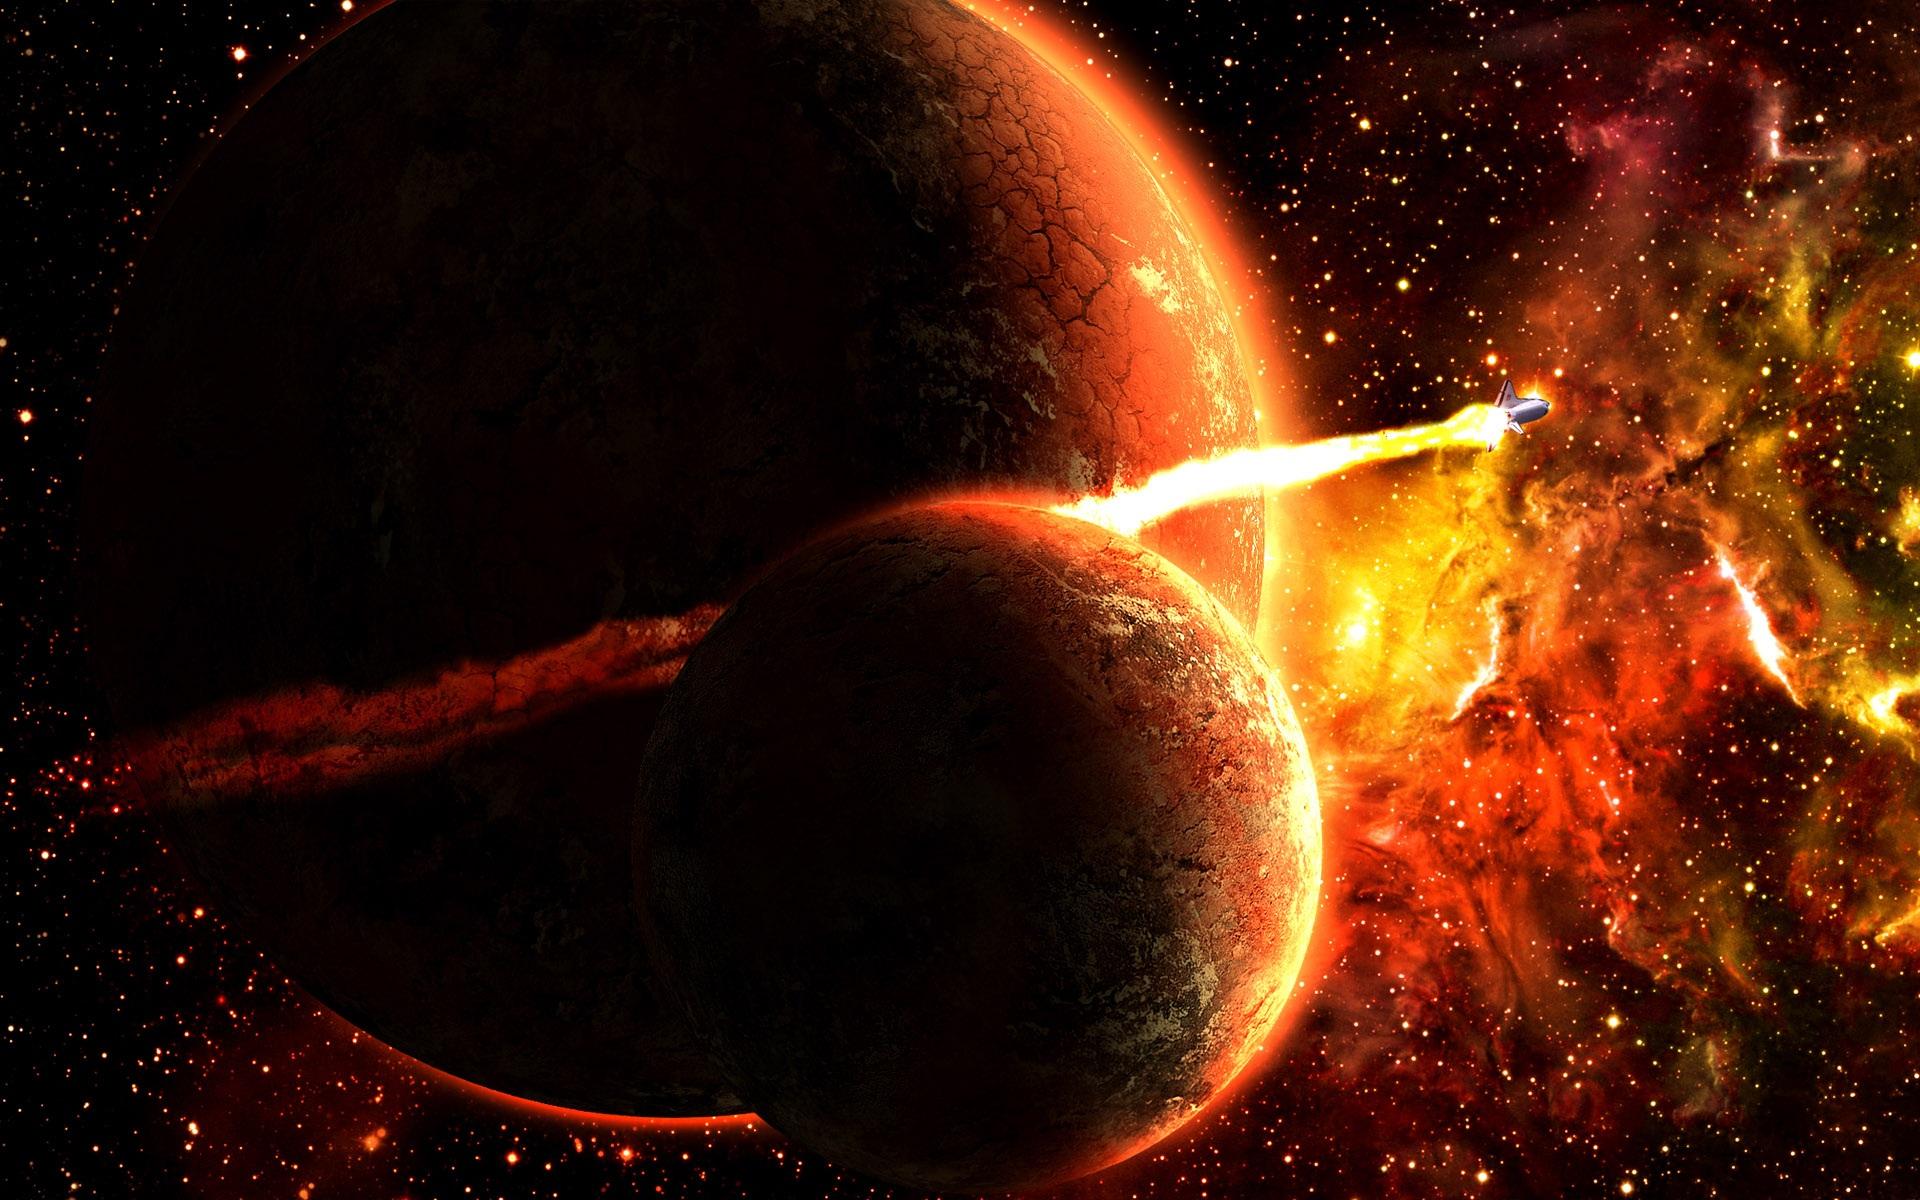 Обои Планета и спутник картинки на рабочий стол на тему Космос - скачать  № 43083 без смс